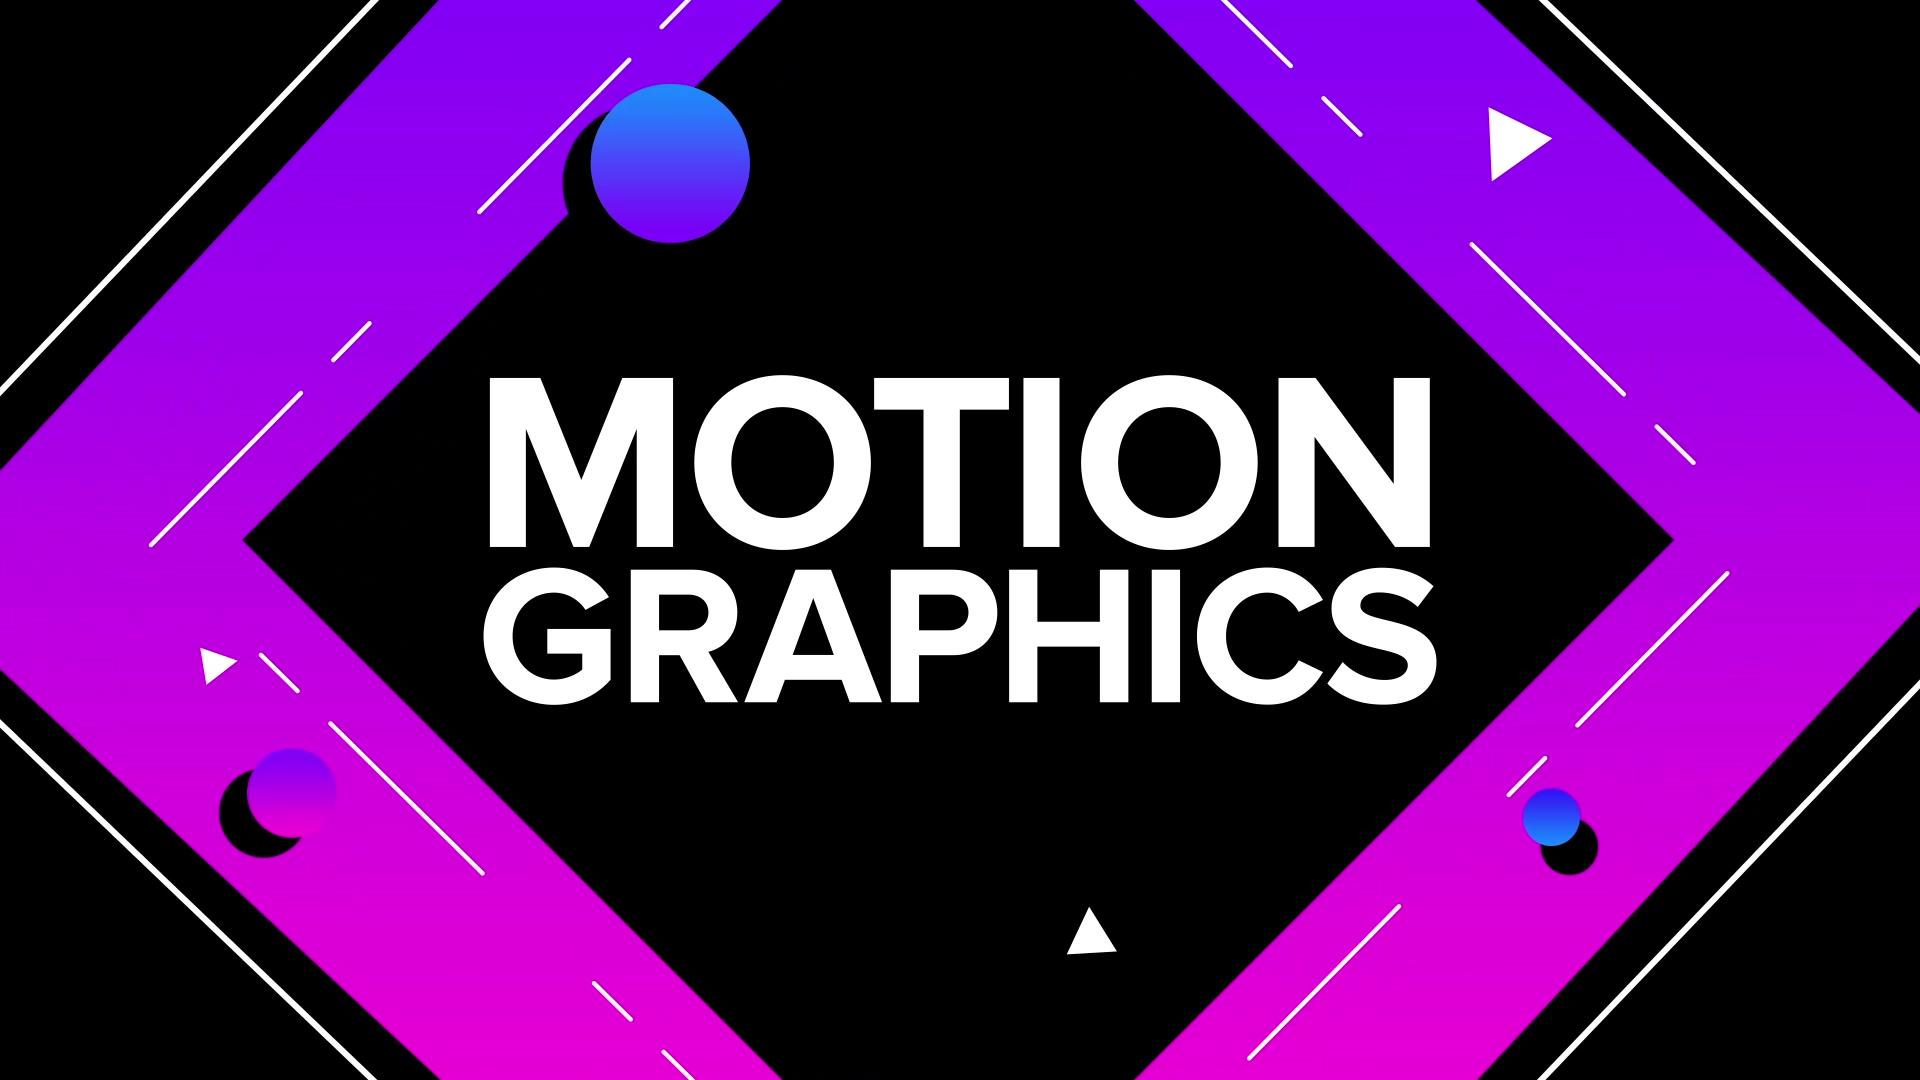 Motion-Graphics-Header-VMG-Studios